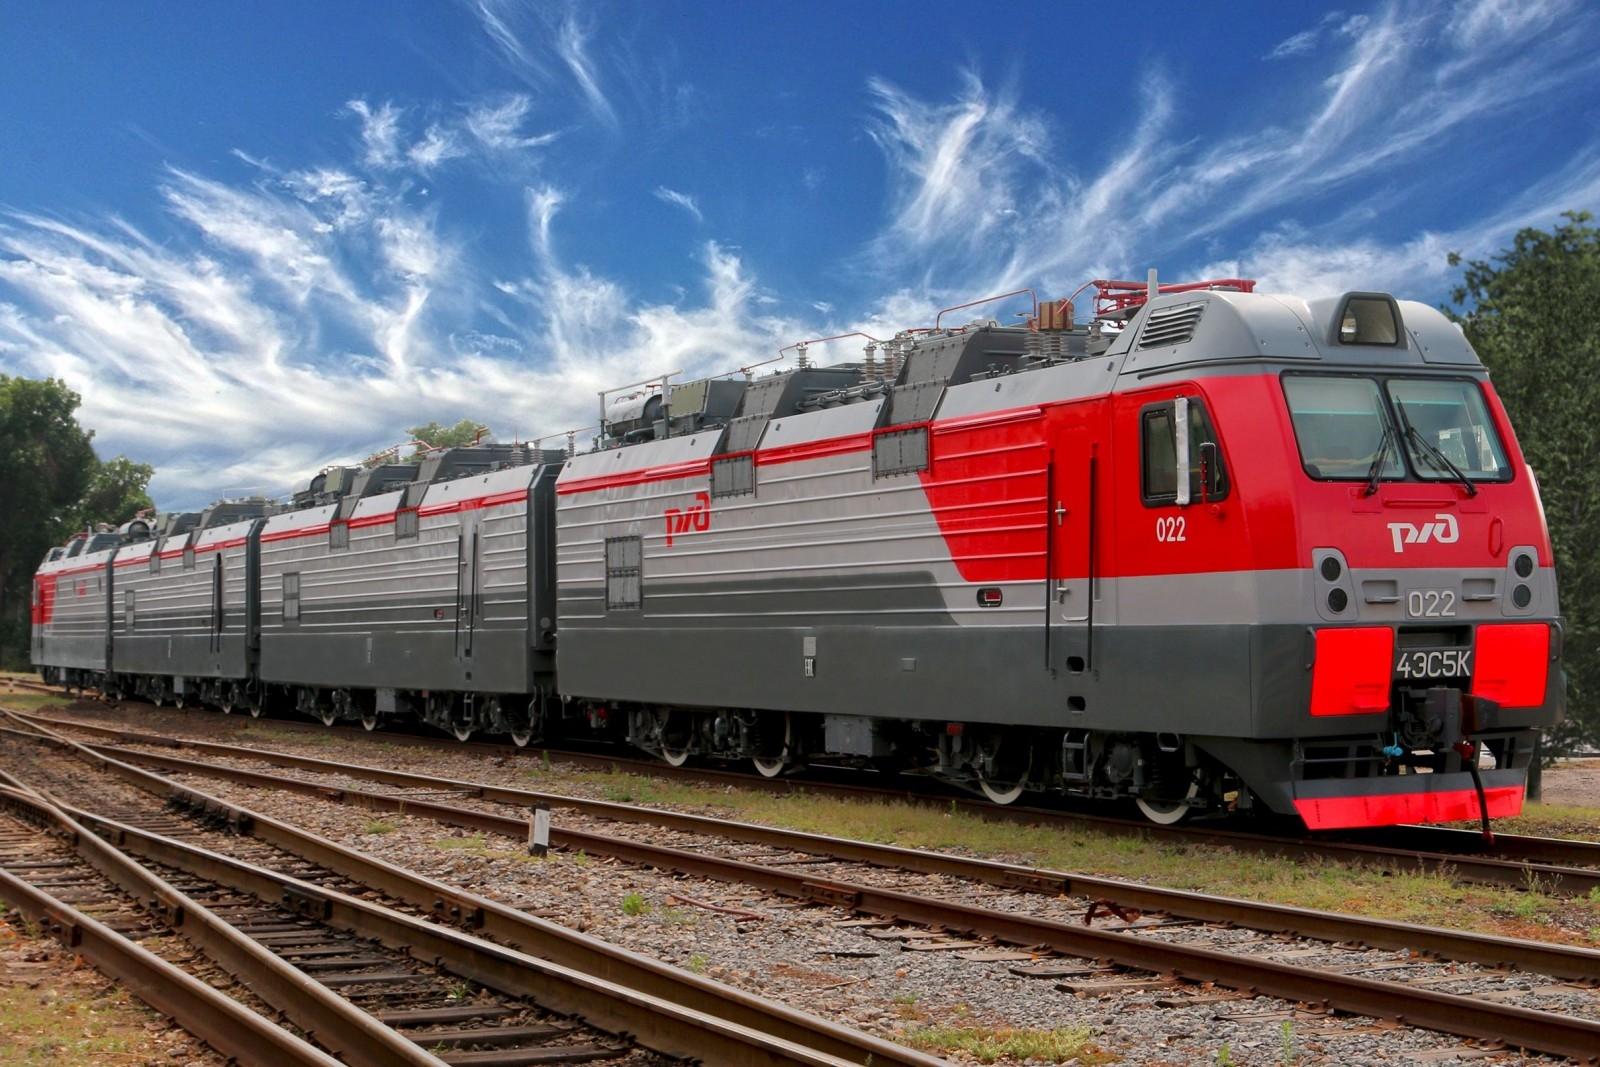 Донское предприятие выполнило годовой план по выпуску электровозов «Ермак»